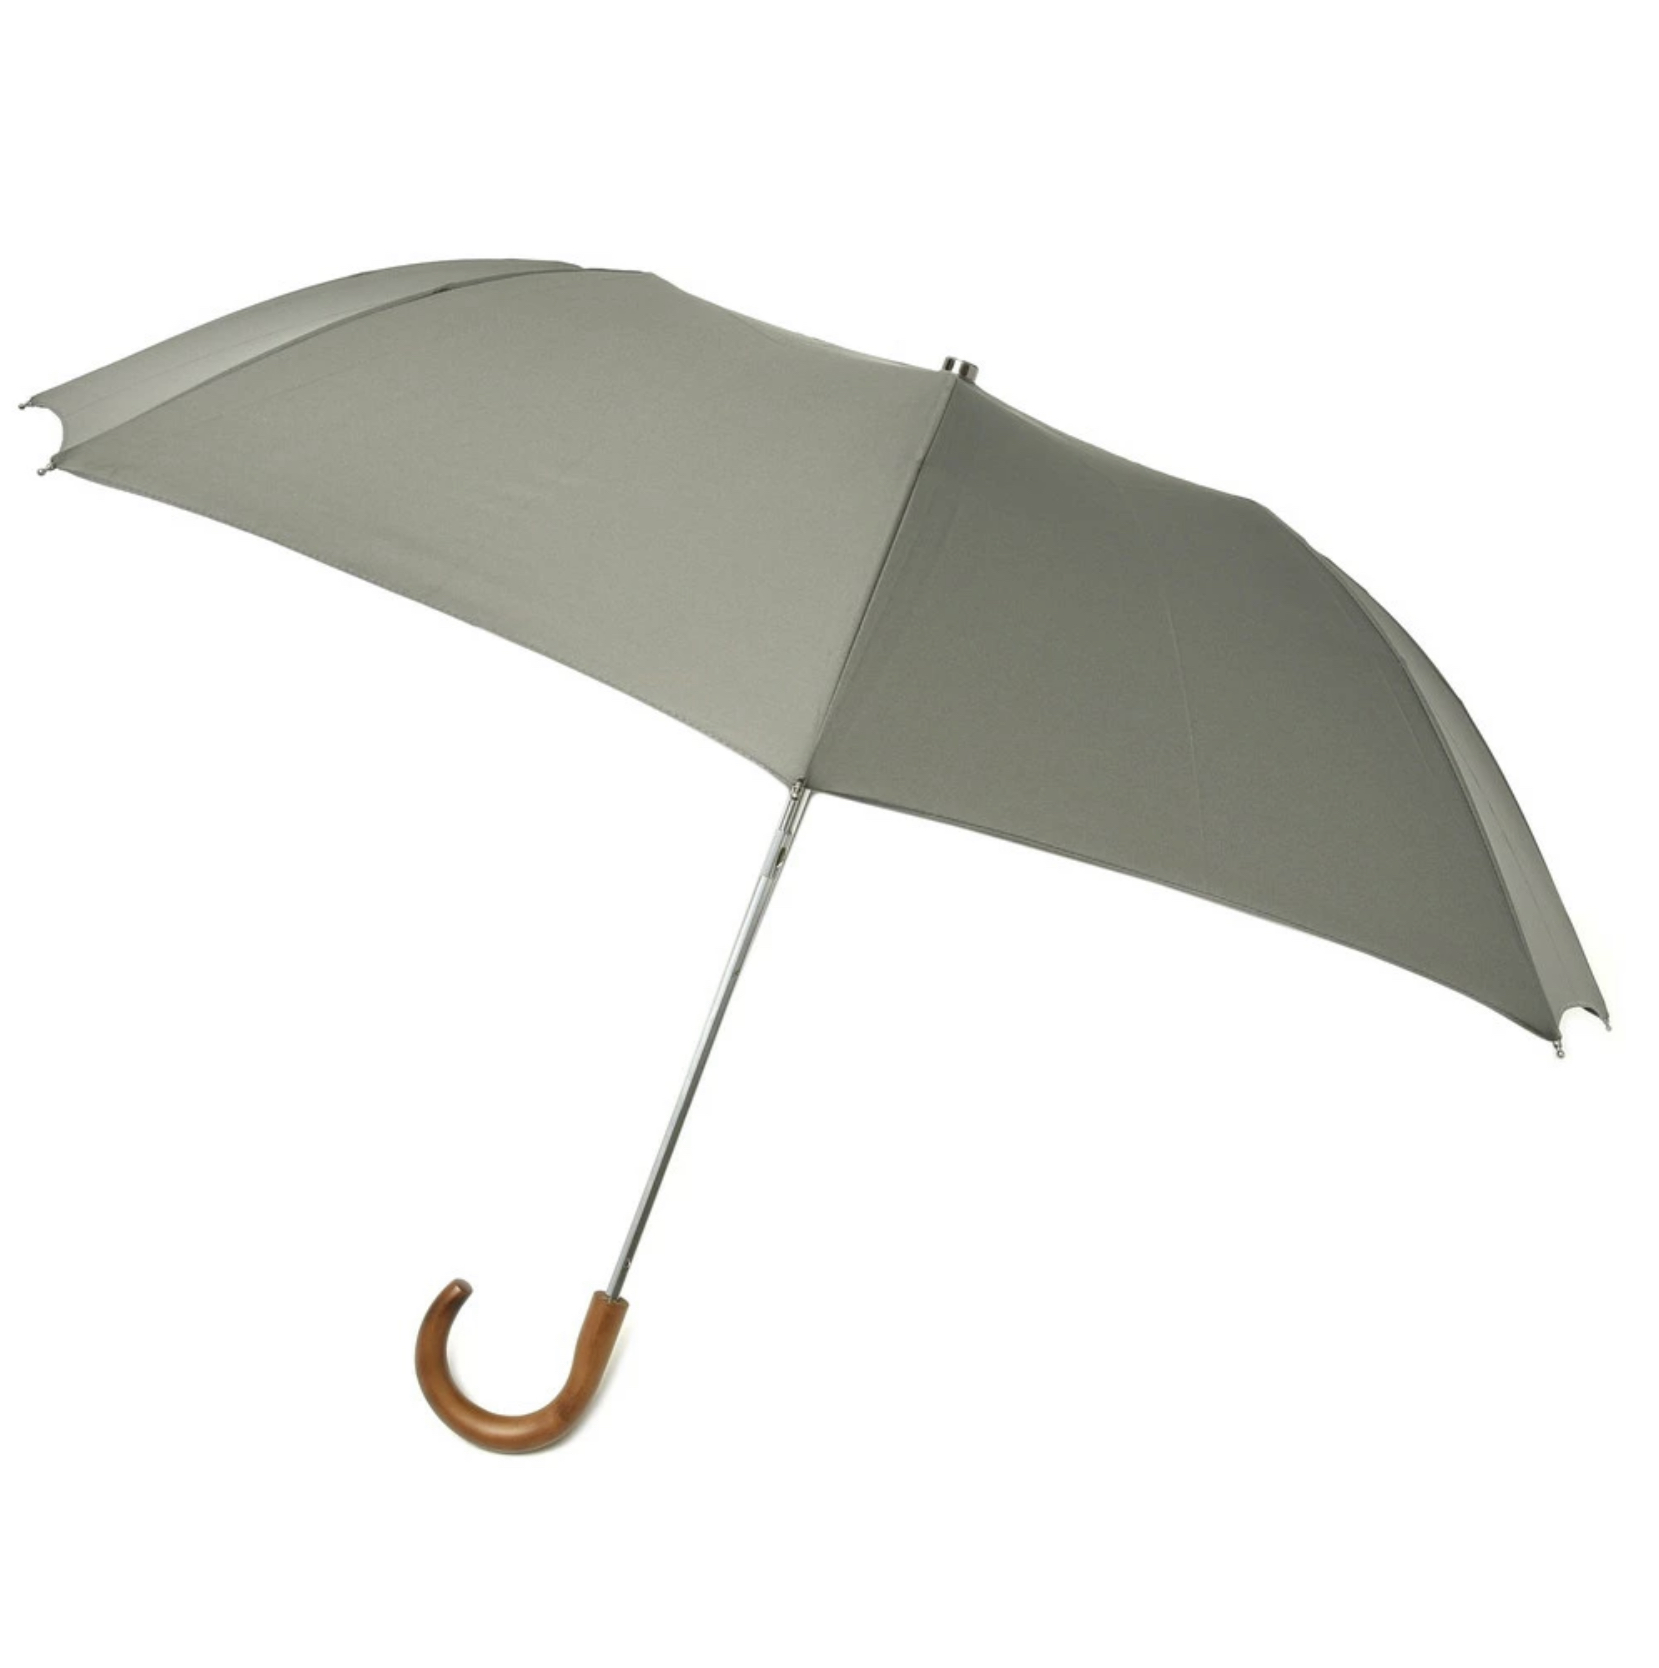 こちらもながーーく使うサステナブル◎ <BR>FOX UMBRELLAS(フォックス アンブレラ) 折り畳み傘3型